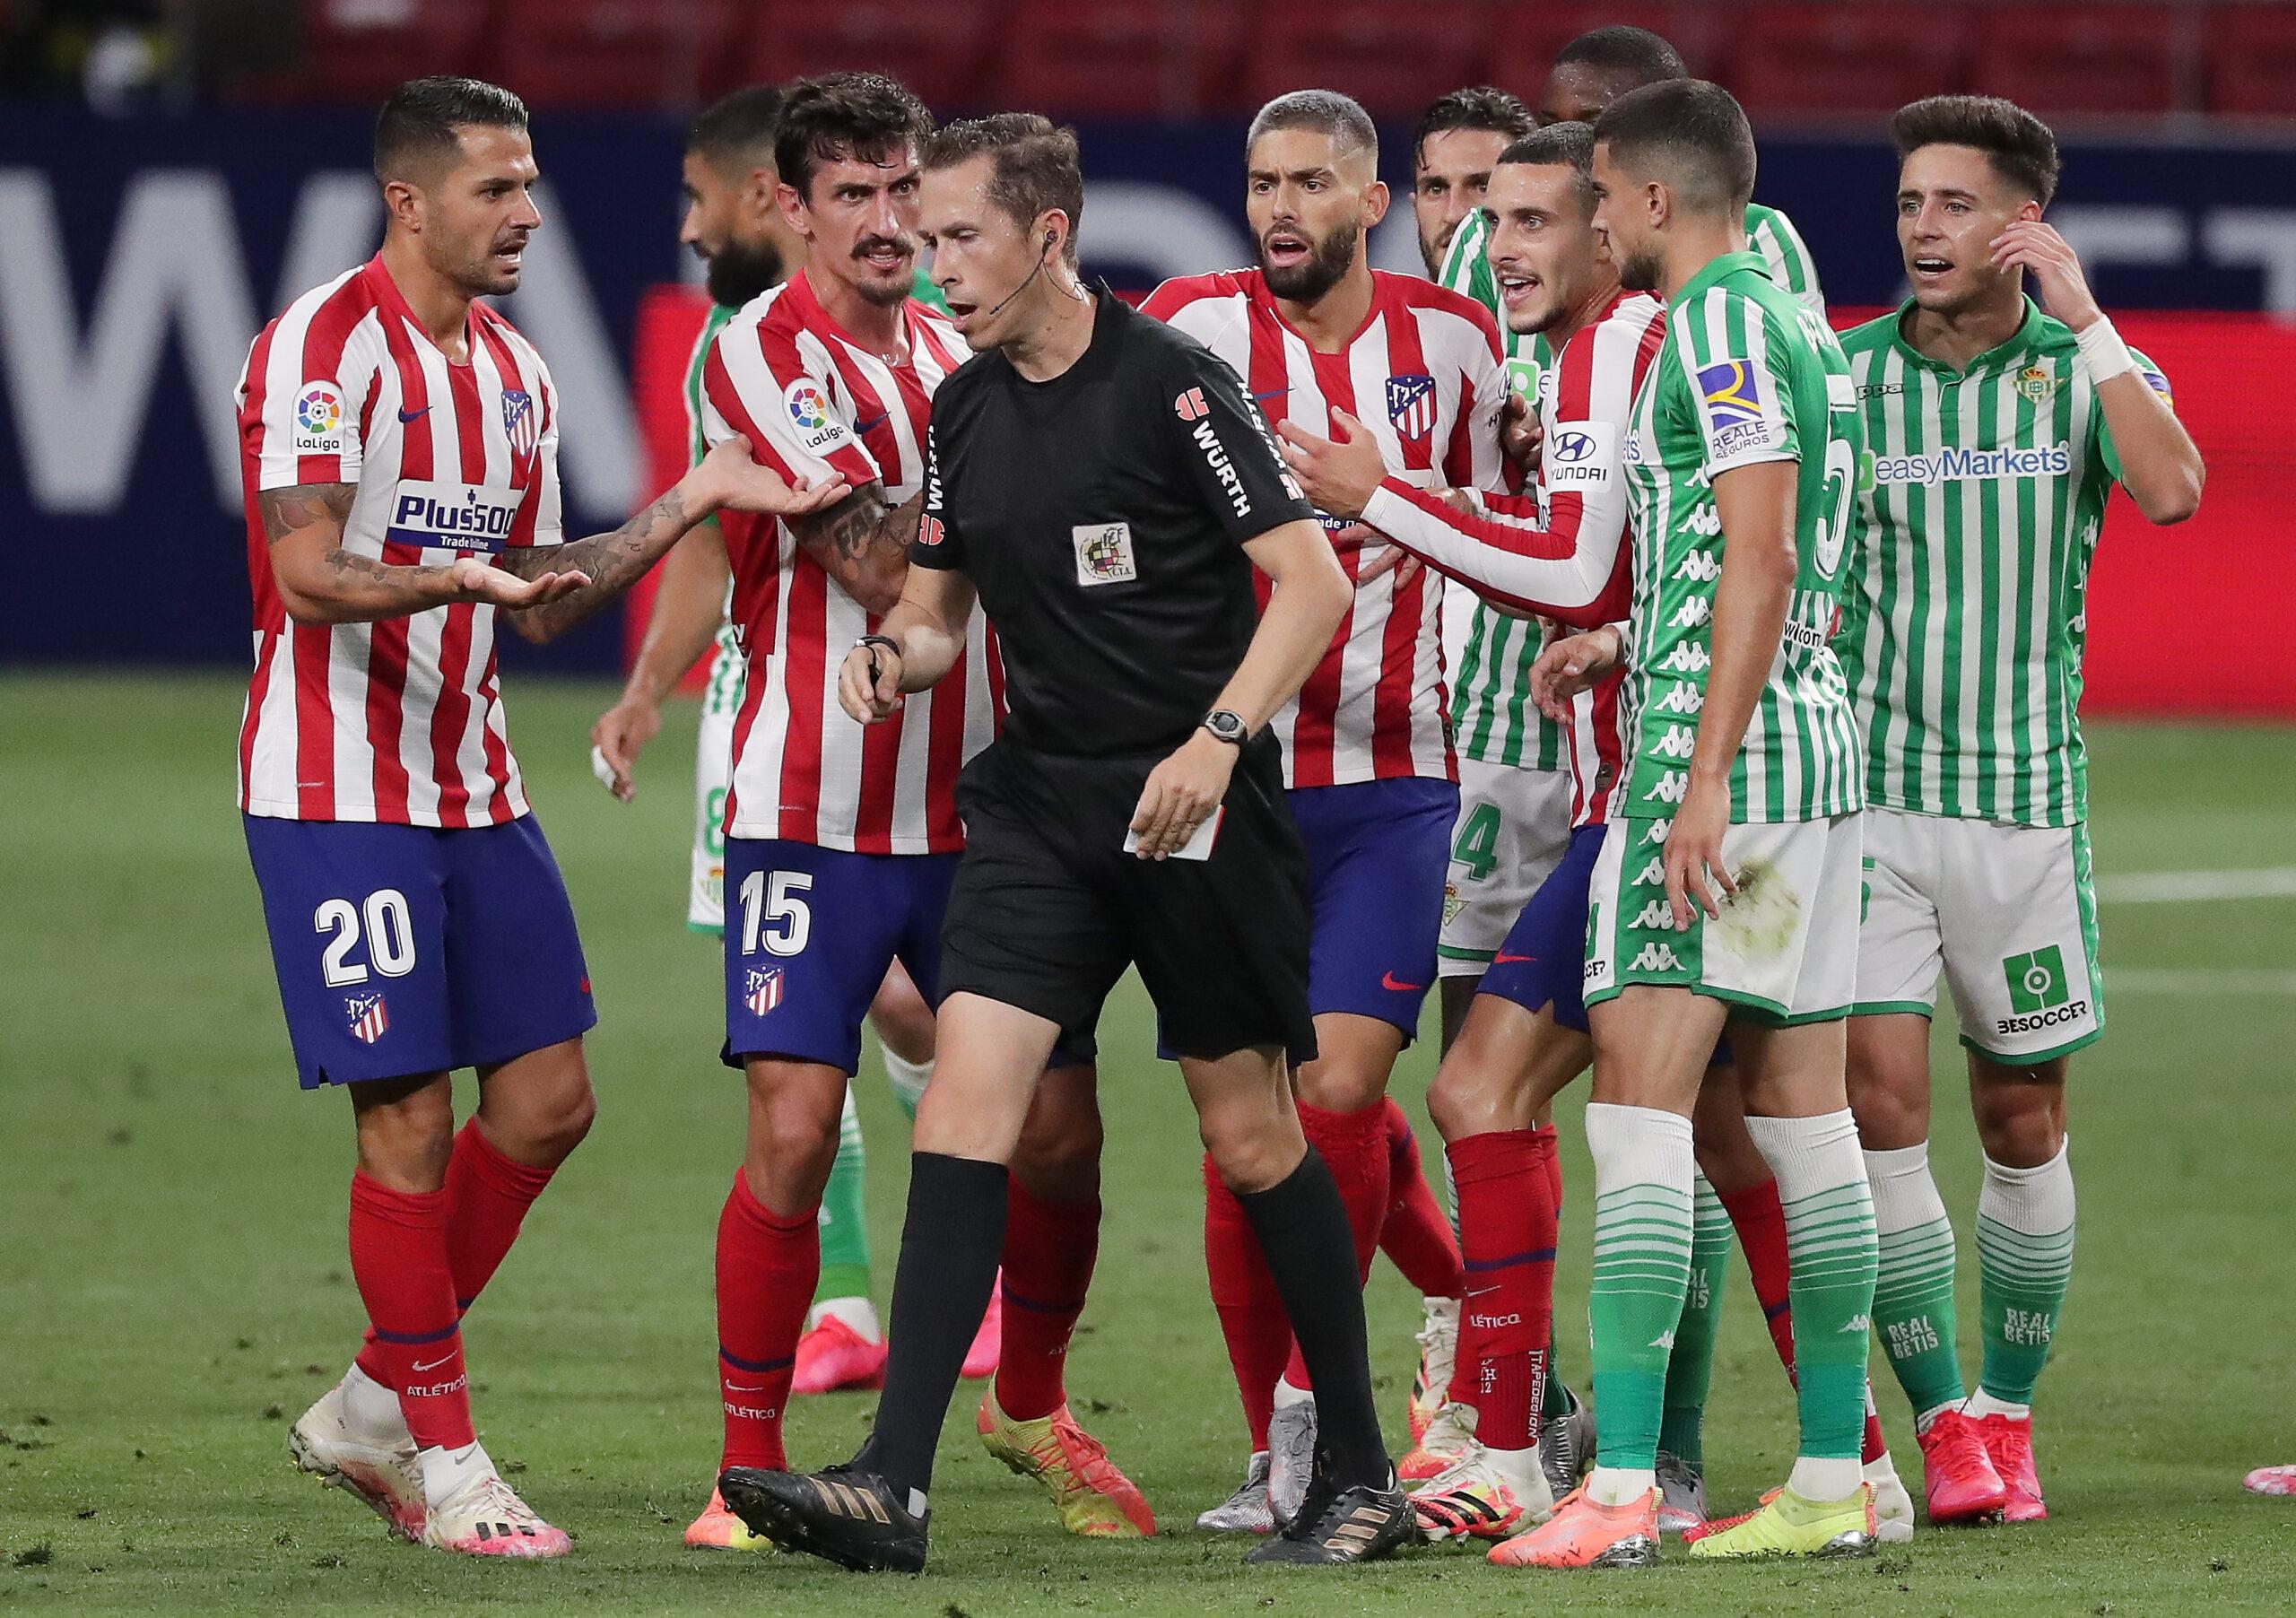 Fichajes: Atlético y Real Sociedad buscan un acuerdo